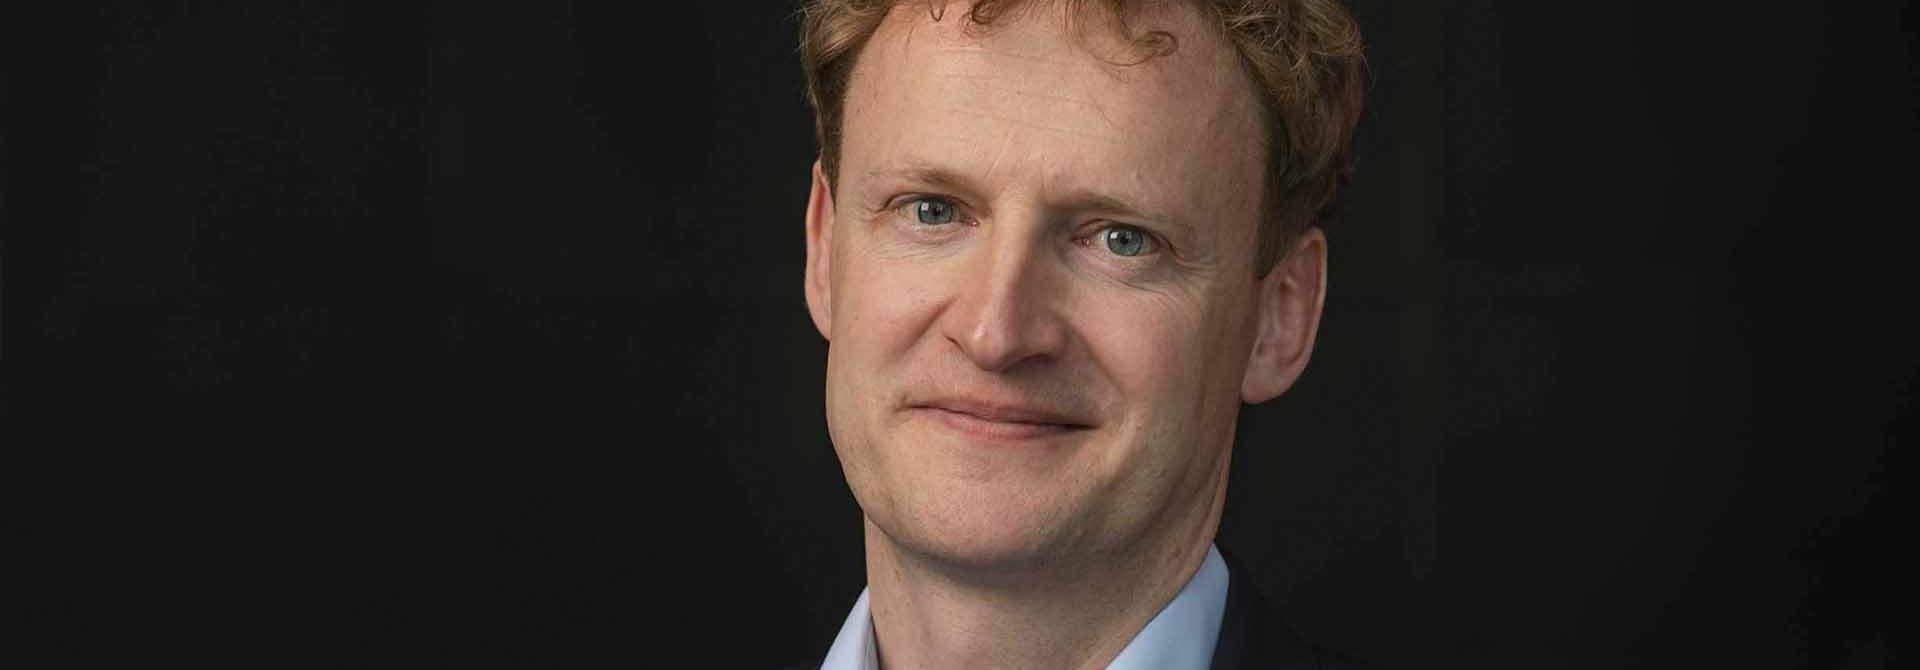 Allan Lyngsø Madsen - Cheføkonom, Fagbevægelsens Hovedorganisation